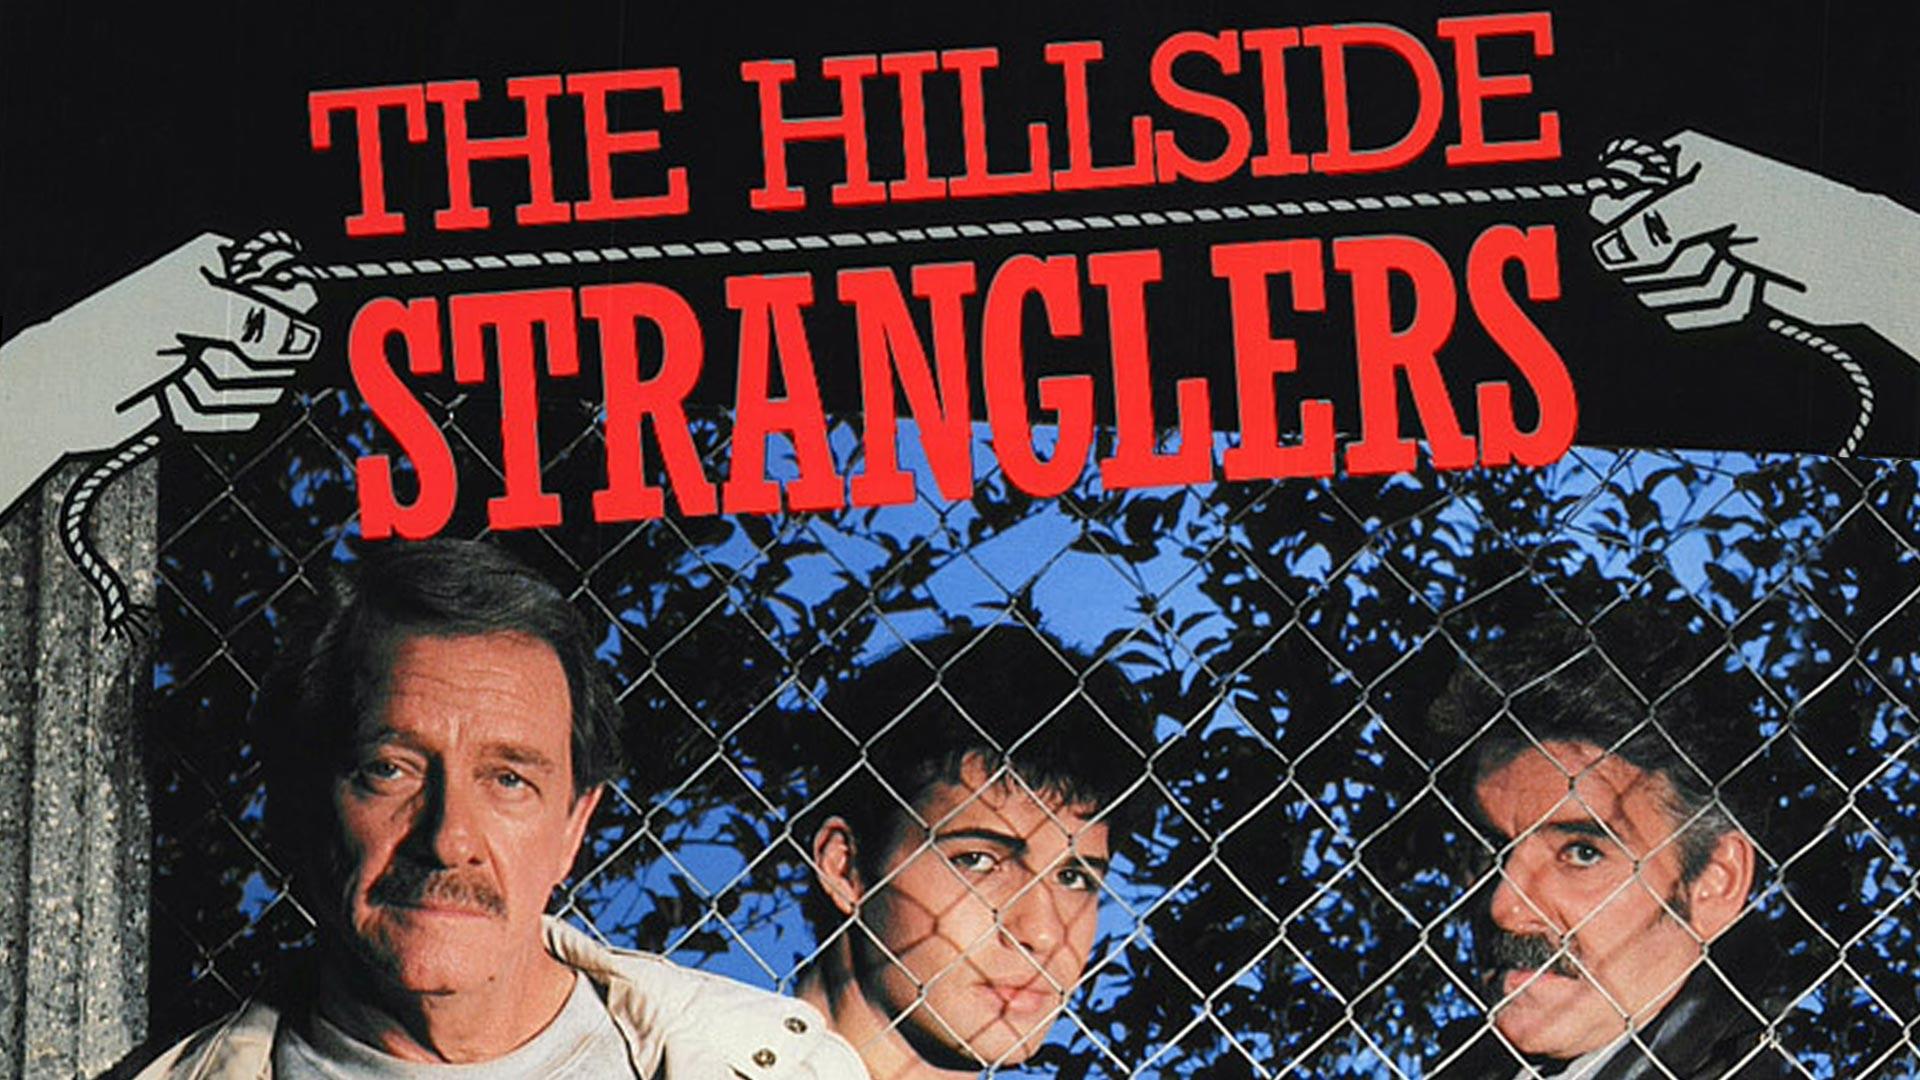 Hillside Stranglers